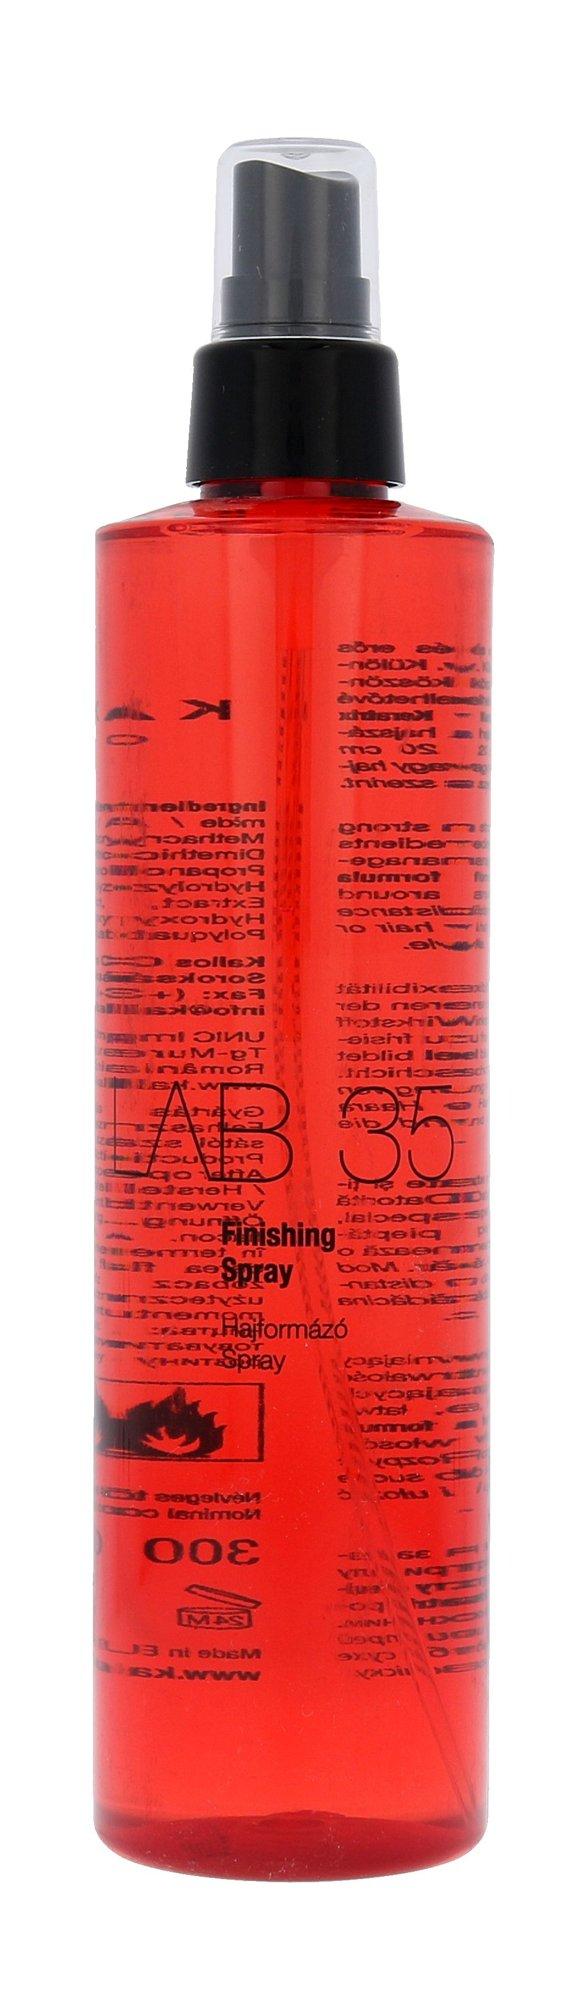 Kallos Lab 35 Finishing Spray Cosmetic 300ml